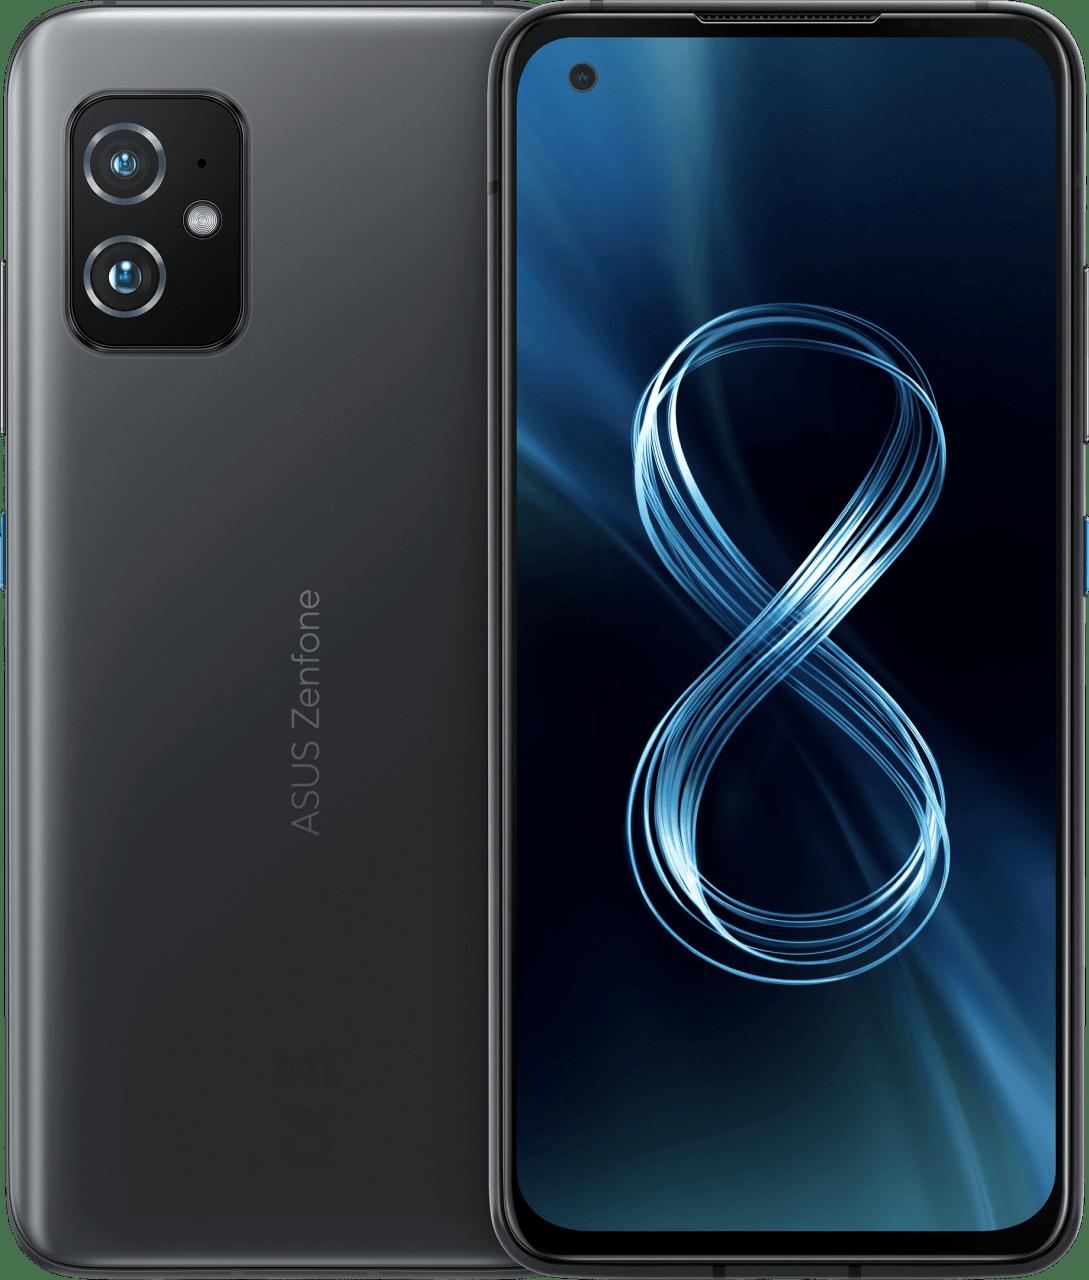 Schwarz Asus Smartphone Zenfone 8 - 128GB - Dual Sim.1